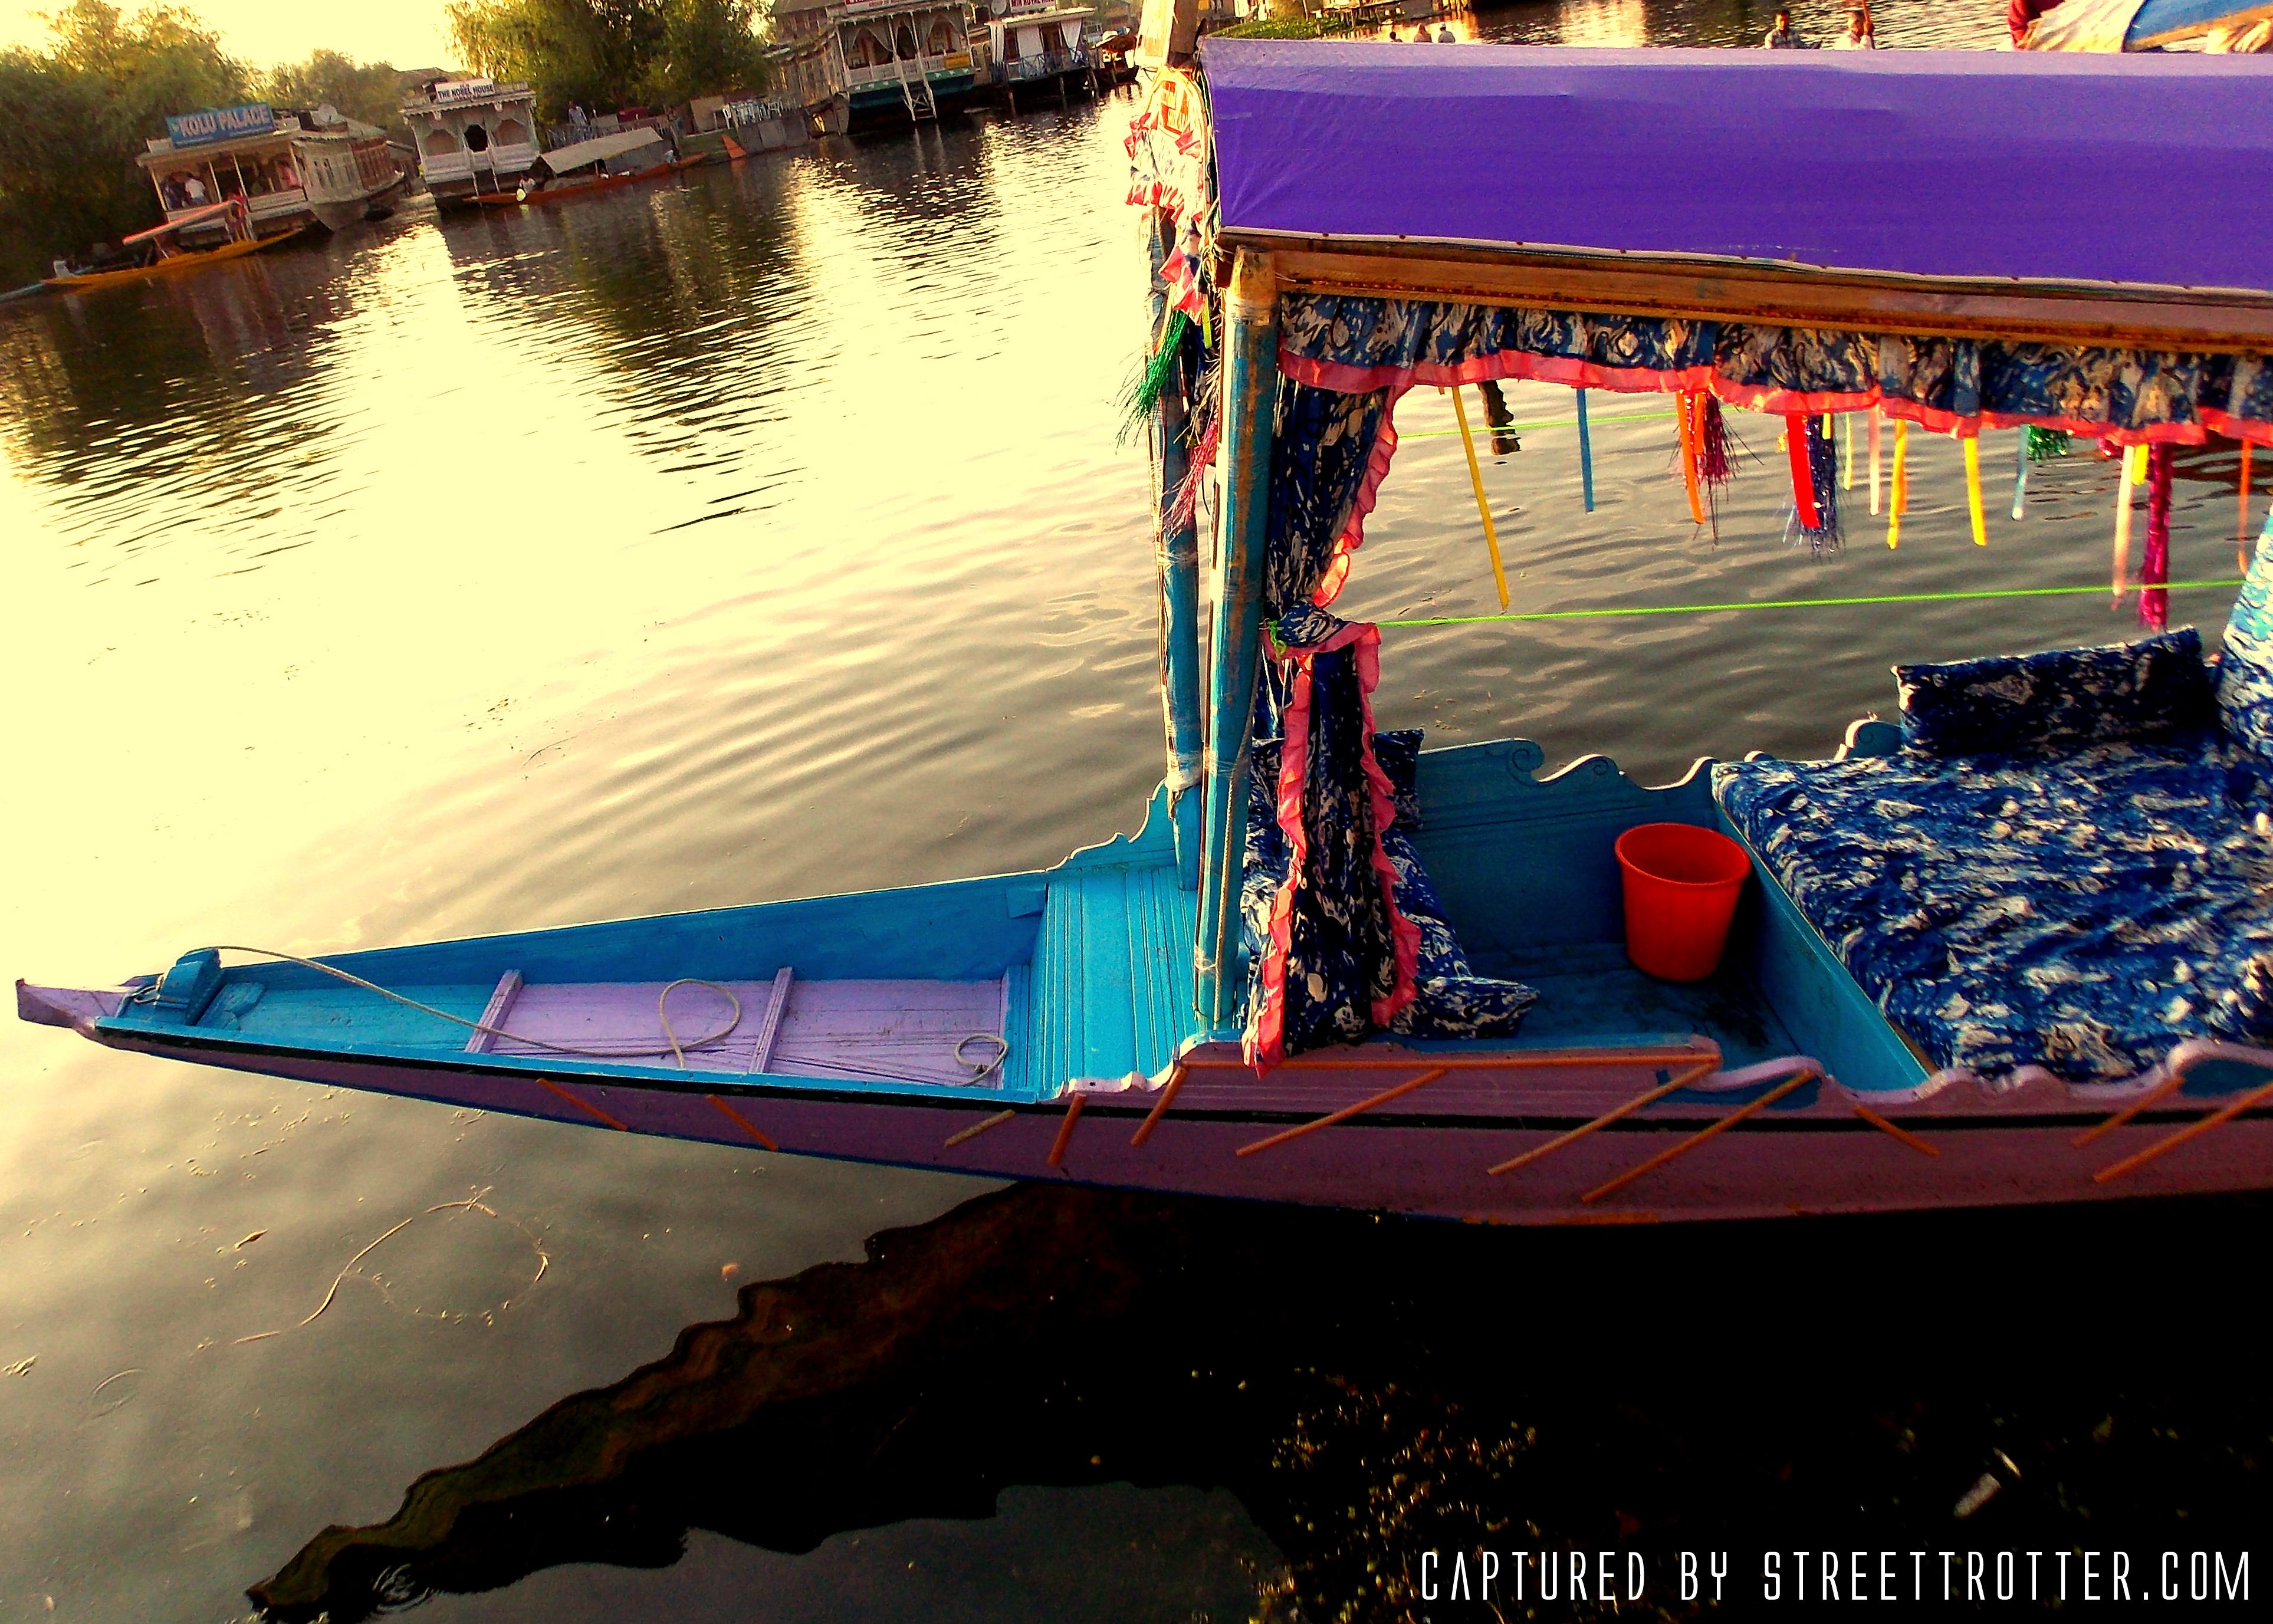 kashmir - srinagar - dal lake - shikara